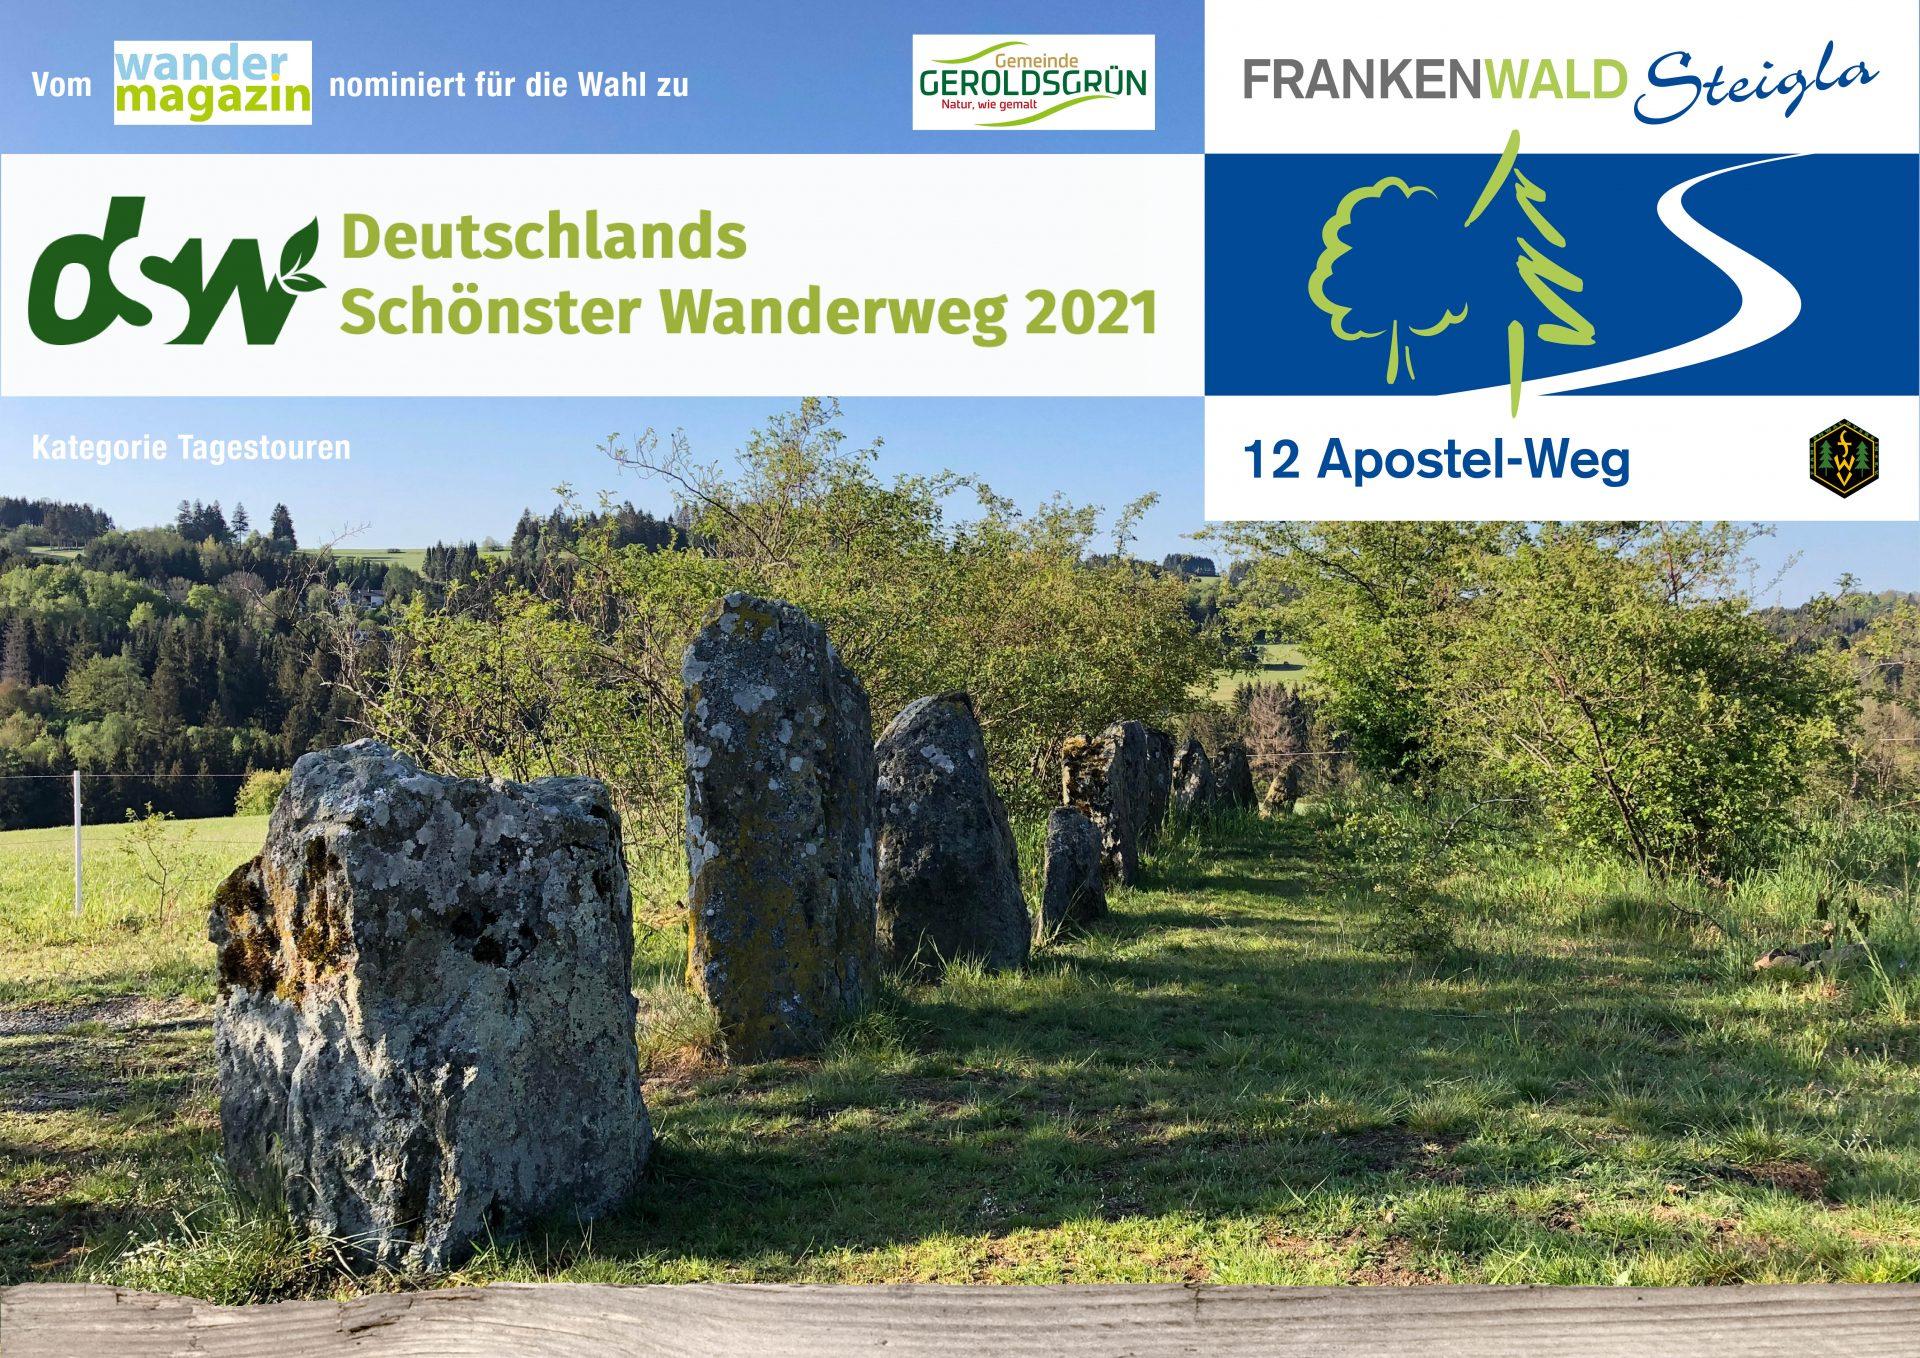 """FrankenwaldSteigla 12-Apostel-Weg für Wahl """"Duteschlands Schönster Wanderweg"""" nominiert"""